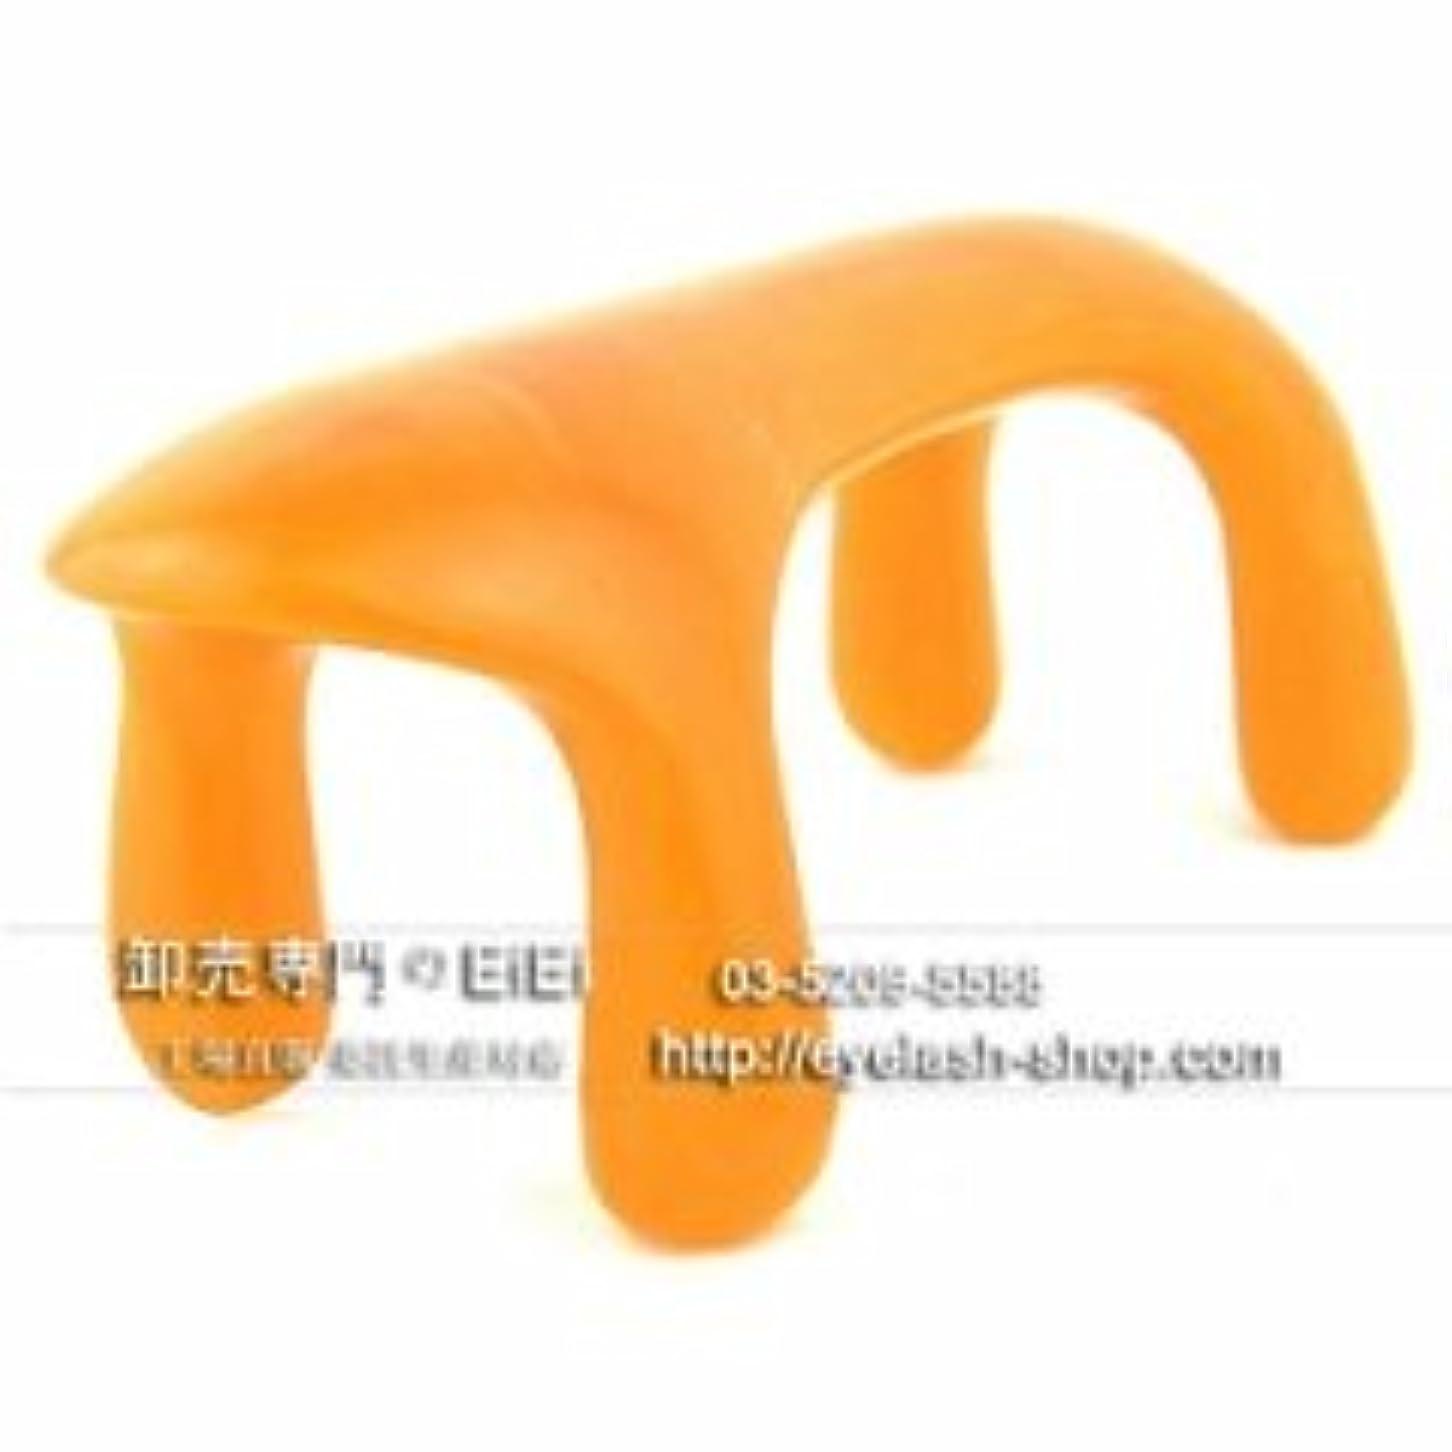 類似性リビングルームブラウザかっさ板 蜜蝋かっさプレート 美容マッサージかっさ板 グアシャ板 C-08